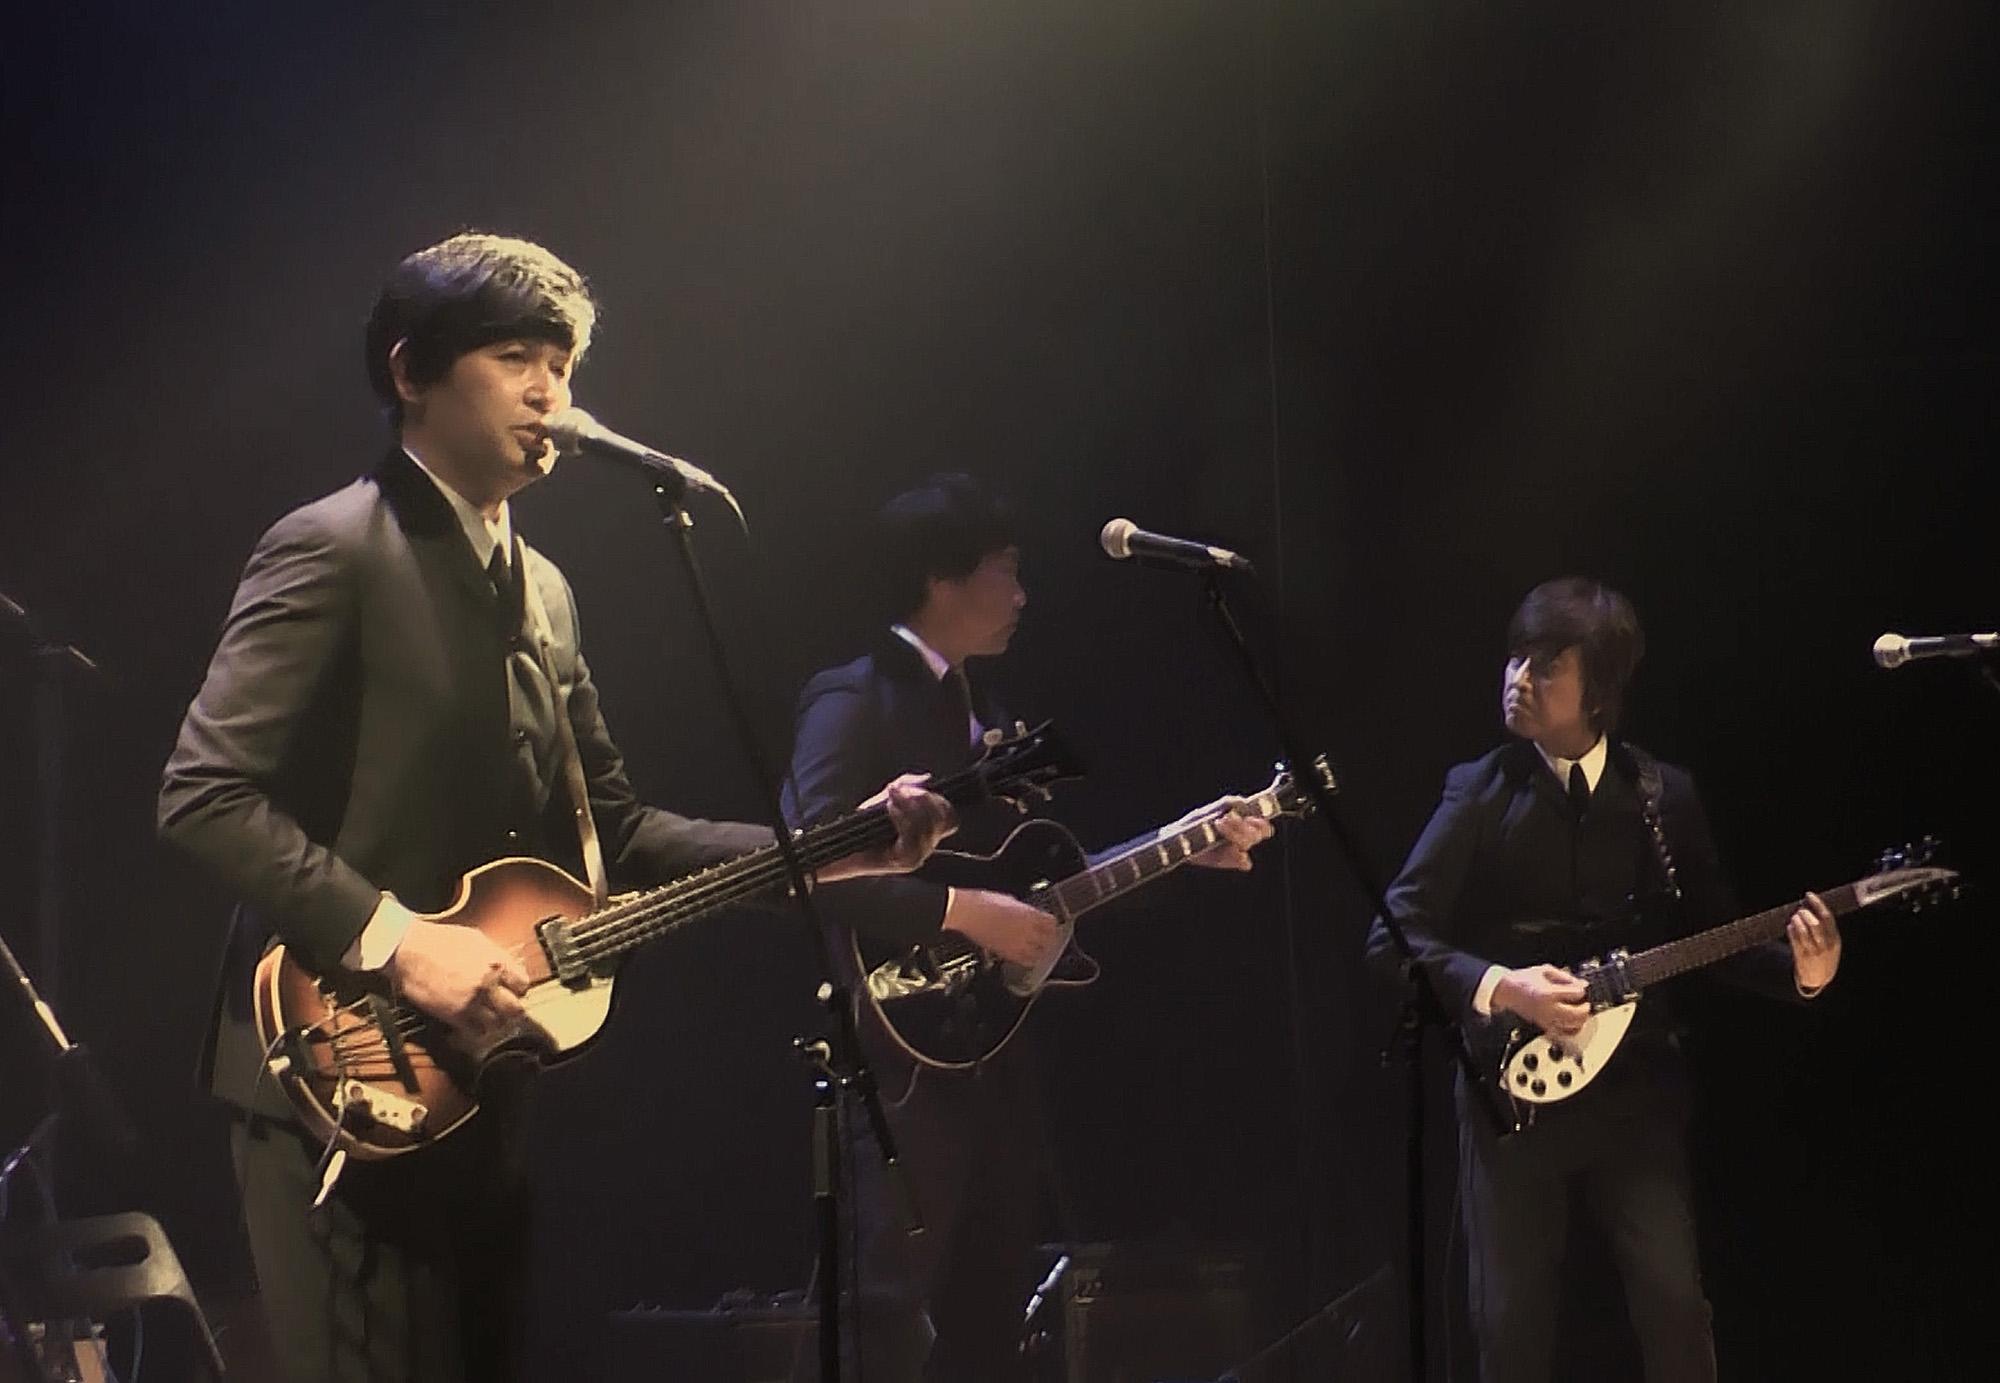 福岡市内でのライブ